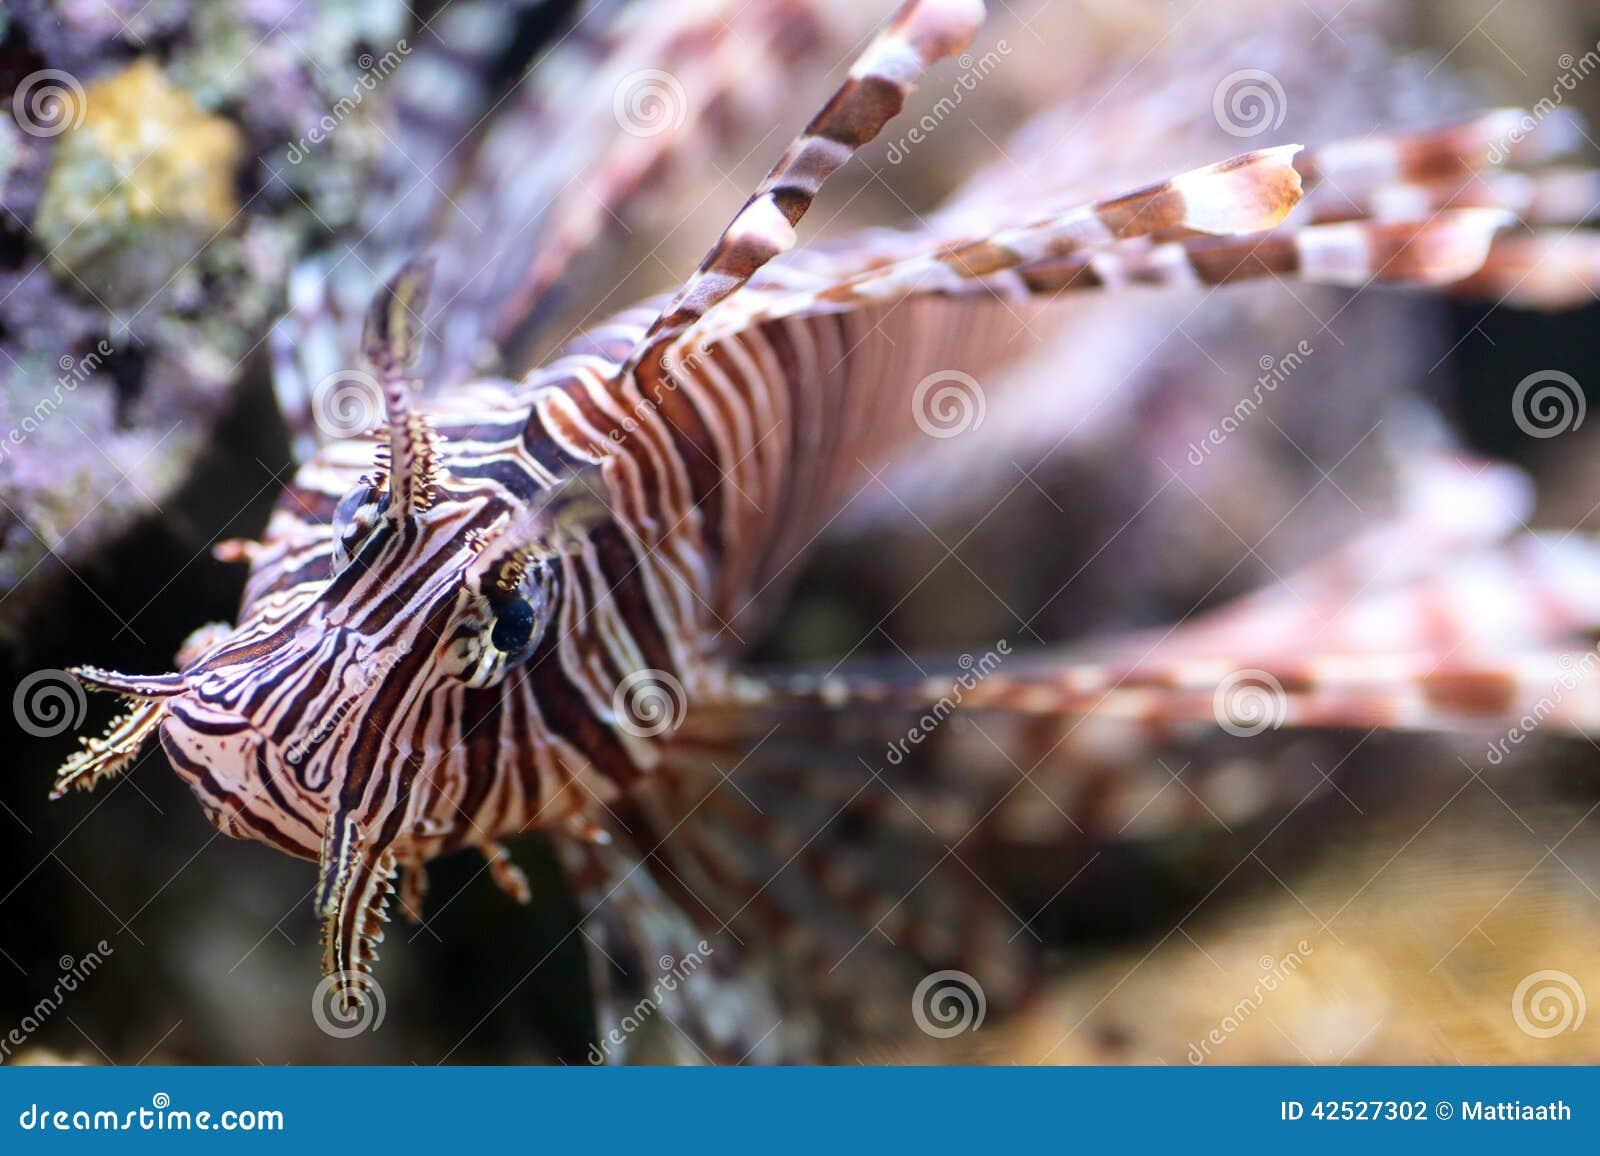 Lionfish Rouge, Un Poisson Venimeux De Récif Coralien Photo stock ...